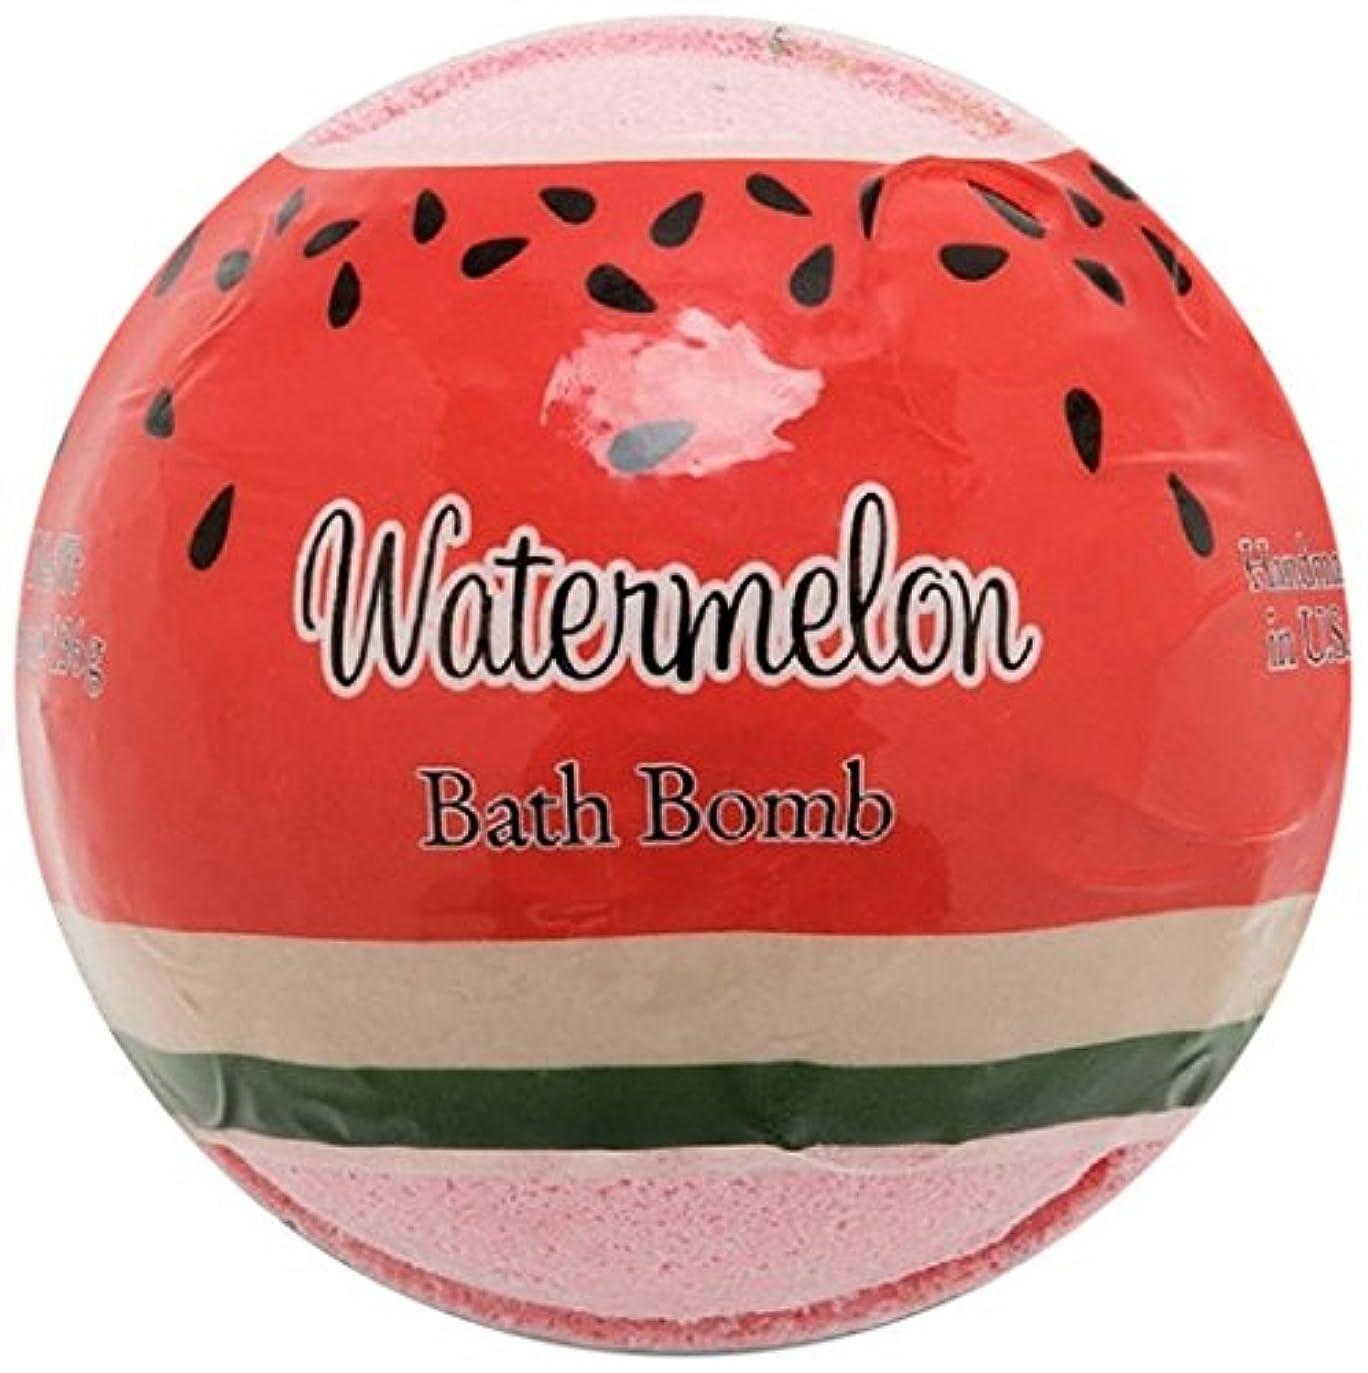 ボールスピーカートランジスタプライモールエレメンツ バスボム/ウォーターメロン 136g シアバターとココナツ&アルガンオイル配合のお肌に潤いを与える発泡性入浴剤